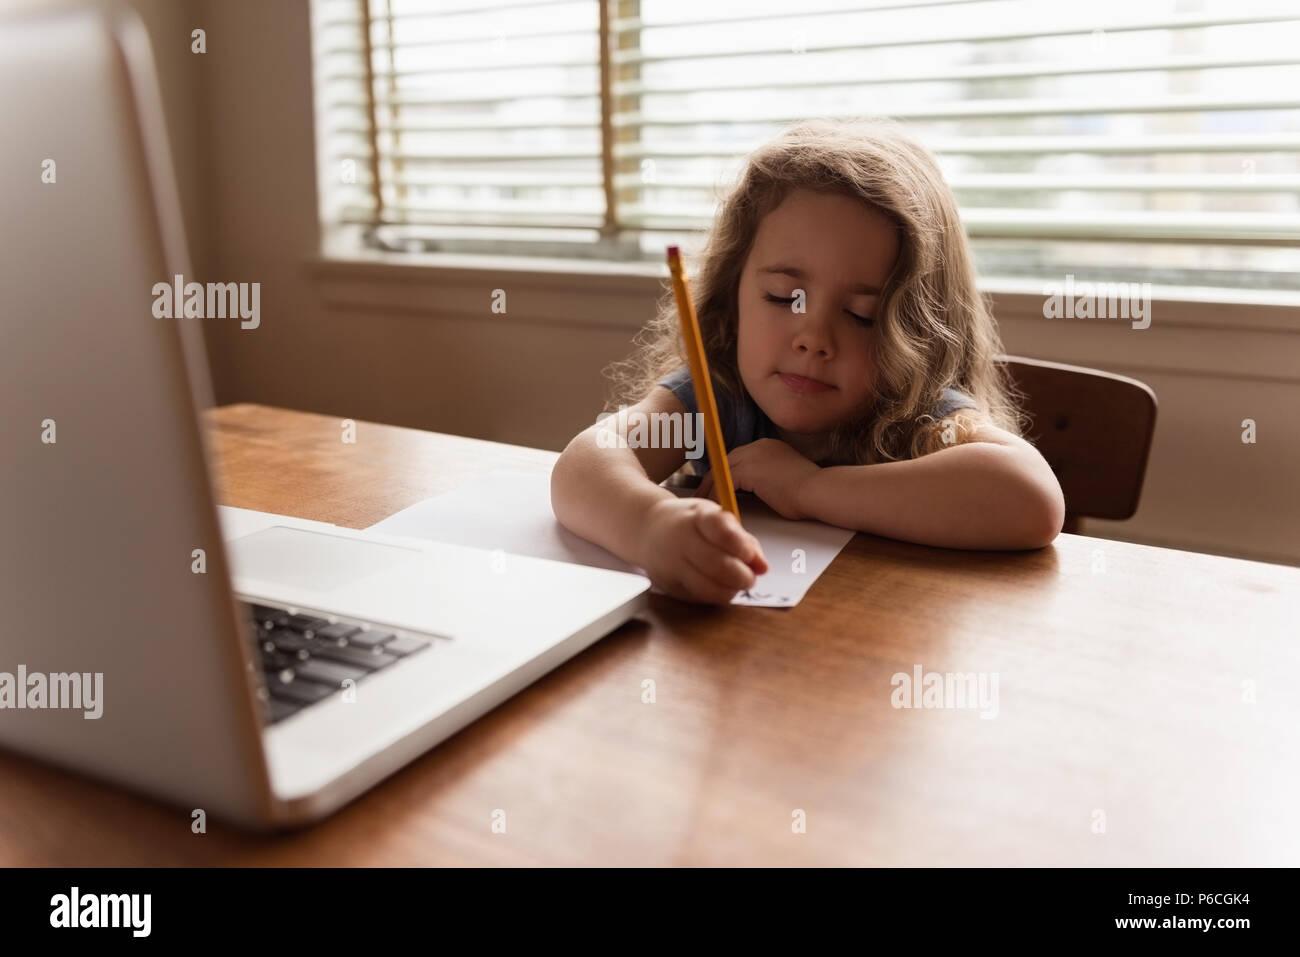 Girl écrit avec un crayon sur une feuille de papier. Banque D'Images